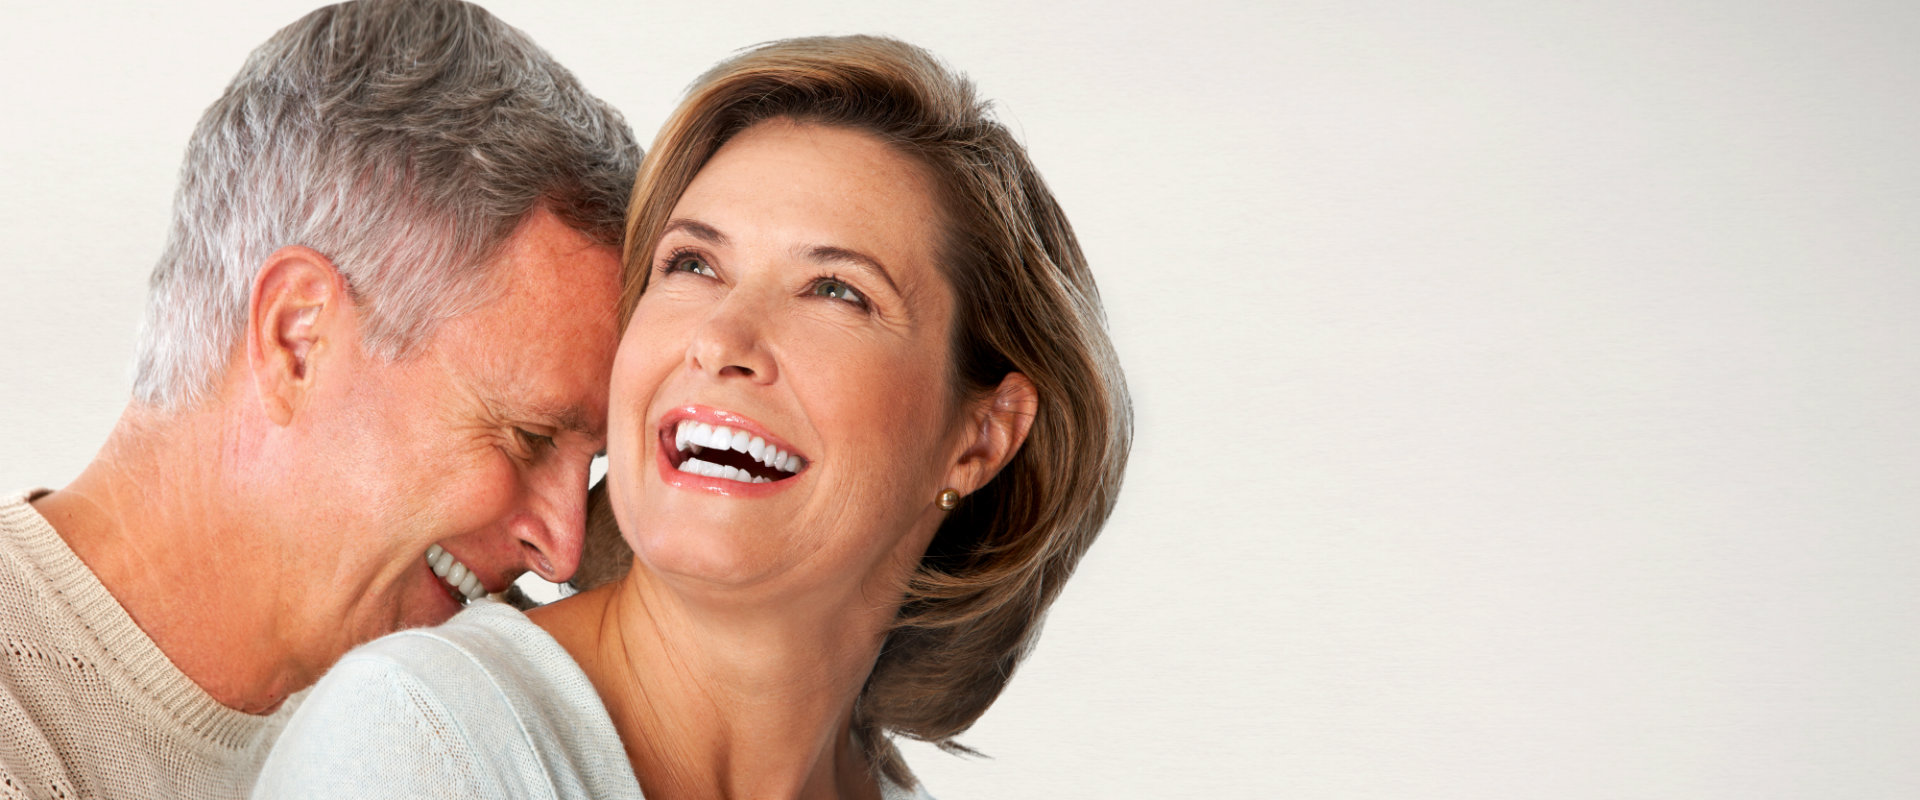 clinica dental villaviciosa de odon, odontologia_